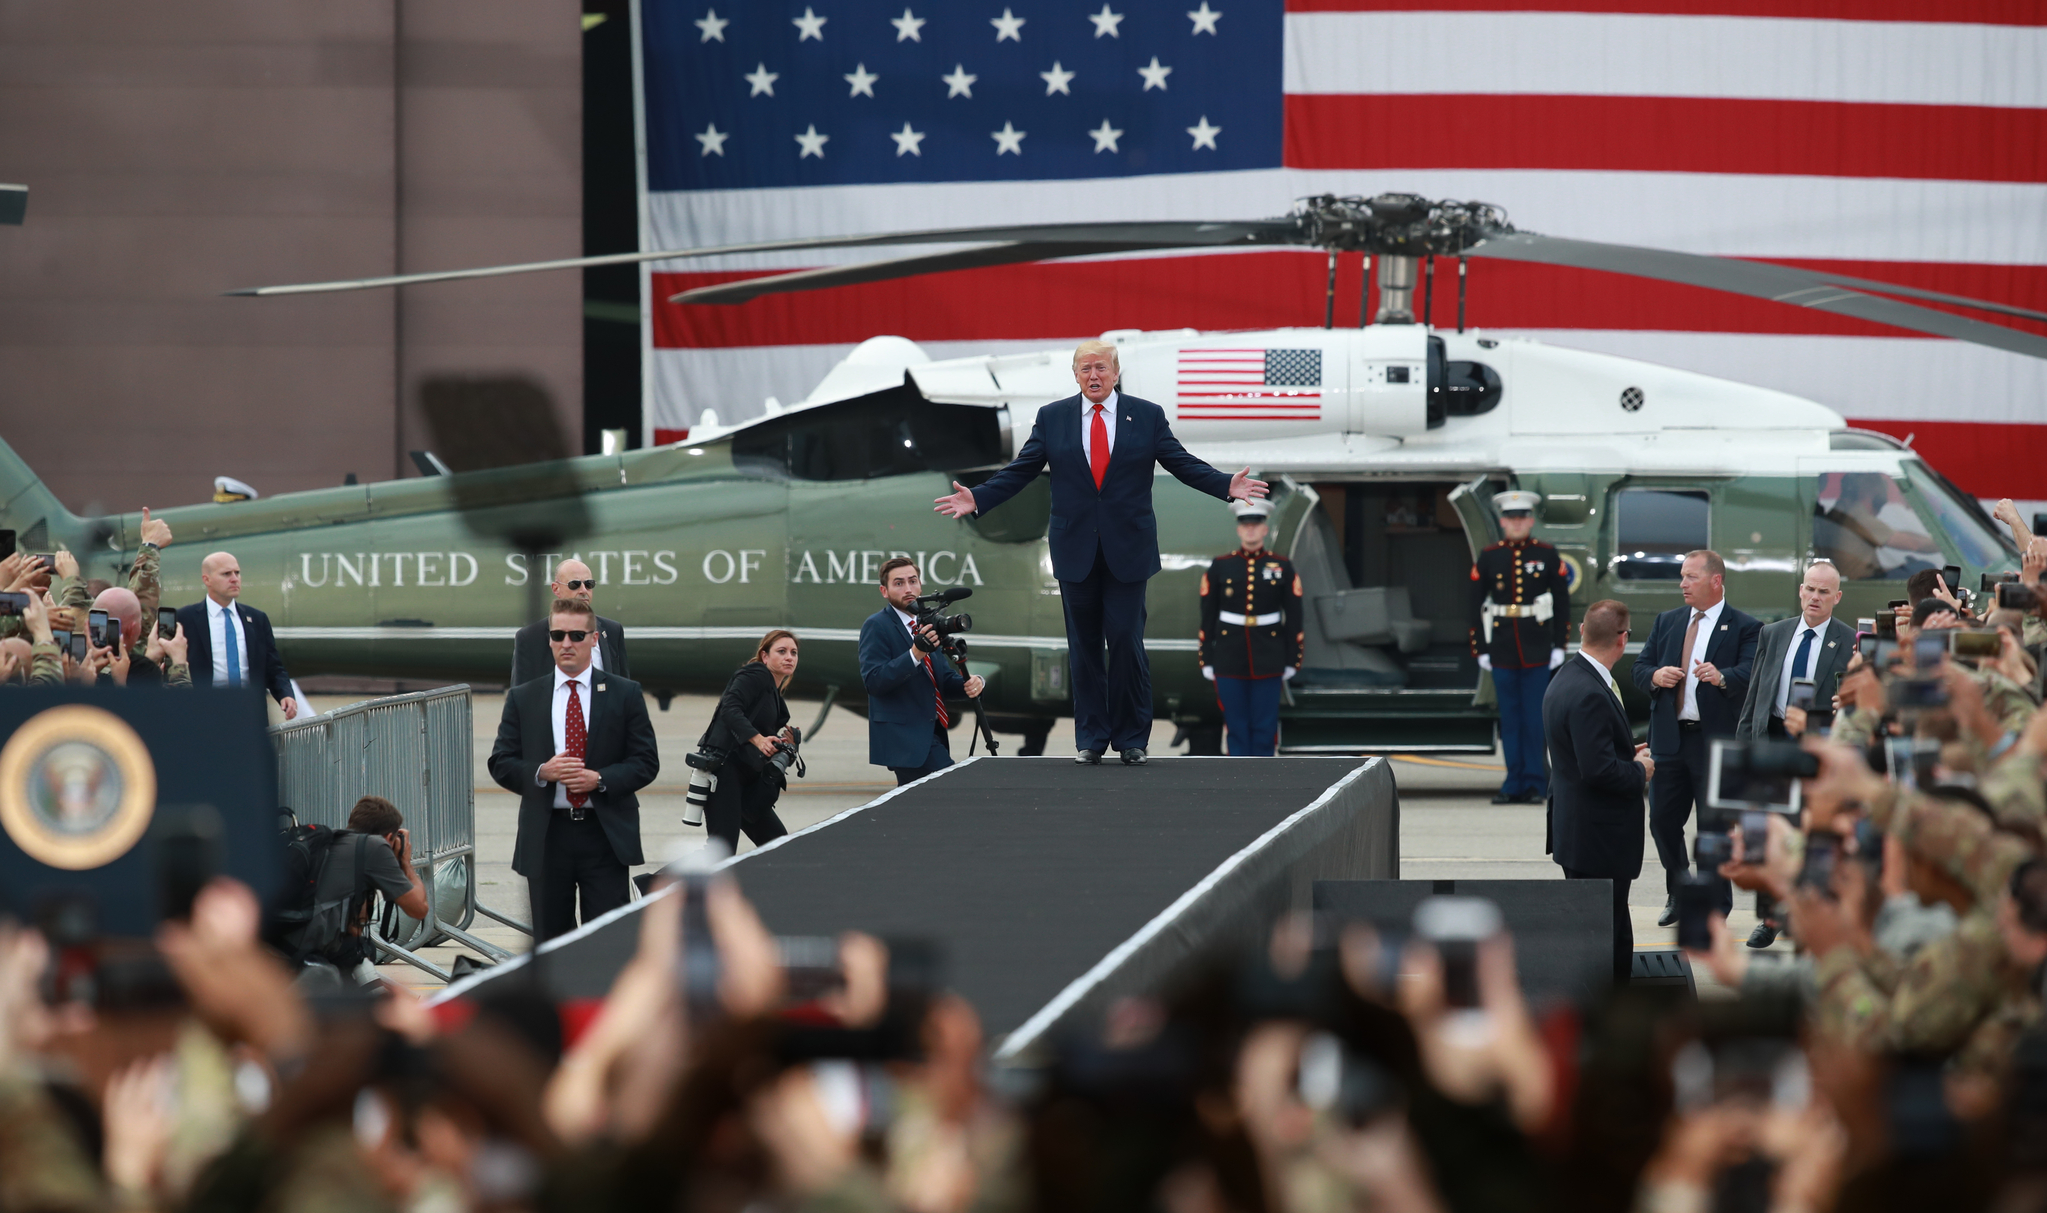 도널드 트럼프 미국 대통령은 지난달 30일 경기도 평택시 주한미군 오산공군기지에서 열린 장병 격려 행사에서도 헬기를 타고 연단에 올라 세간의 주목을 받았다. [연합뉴스]